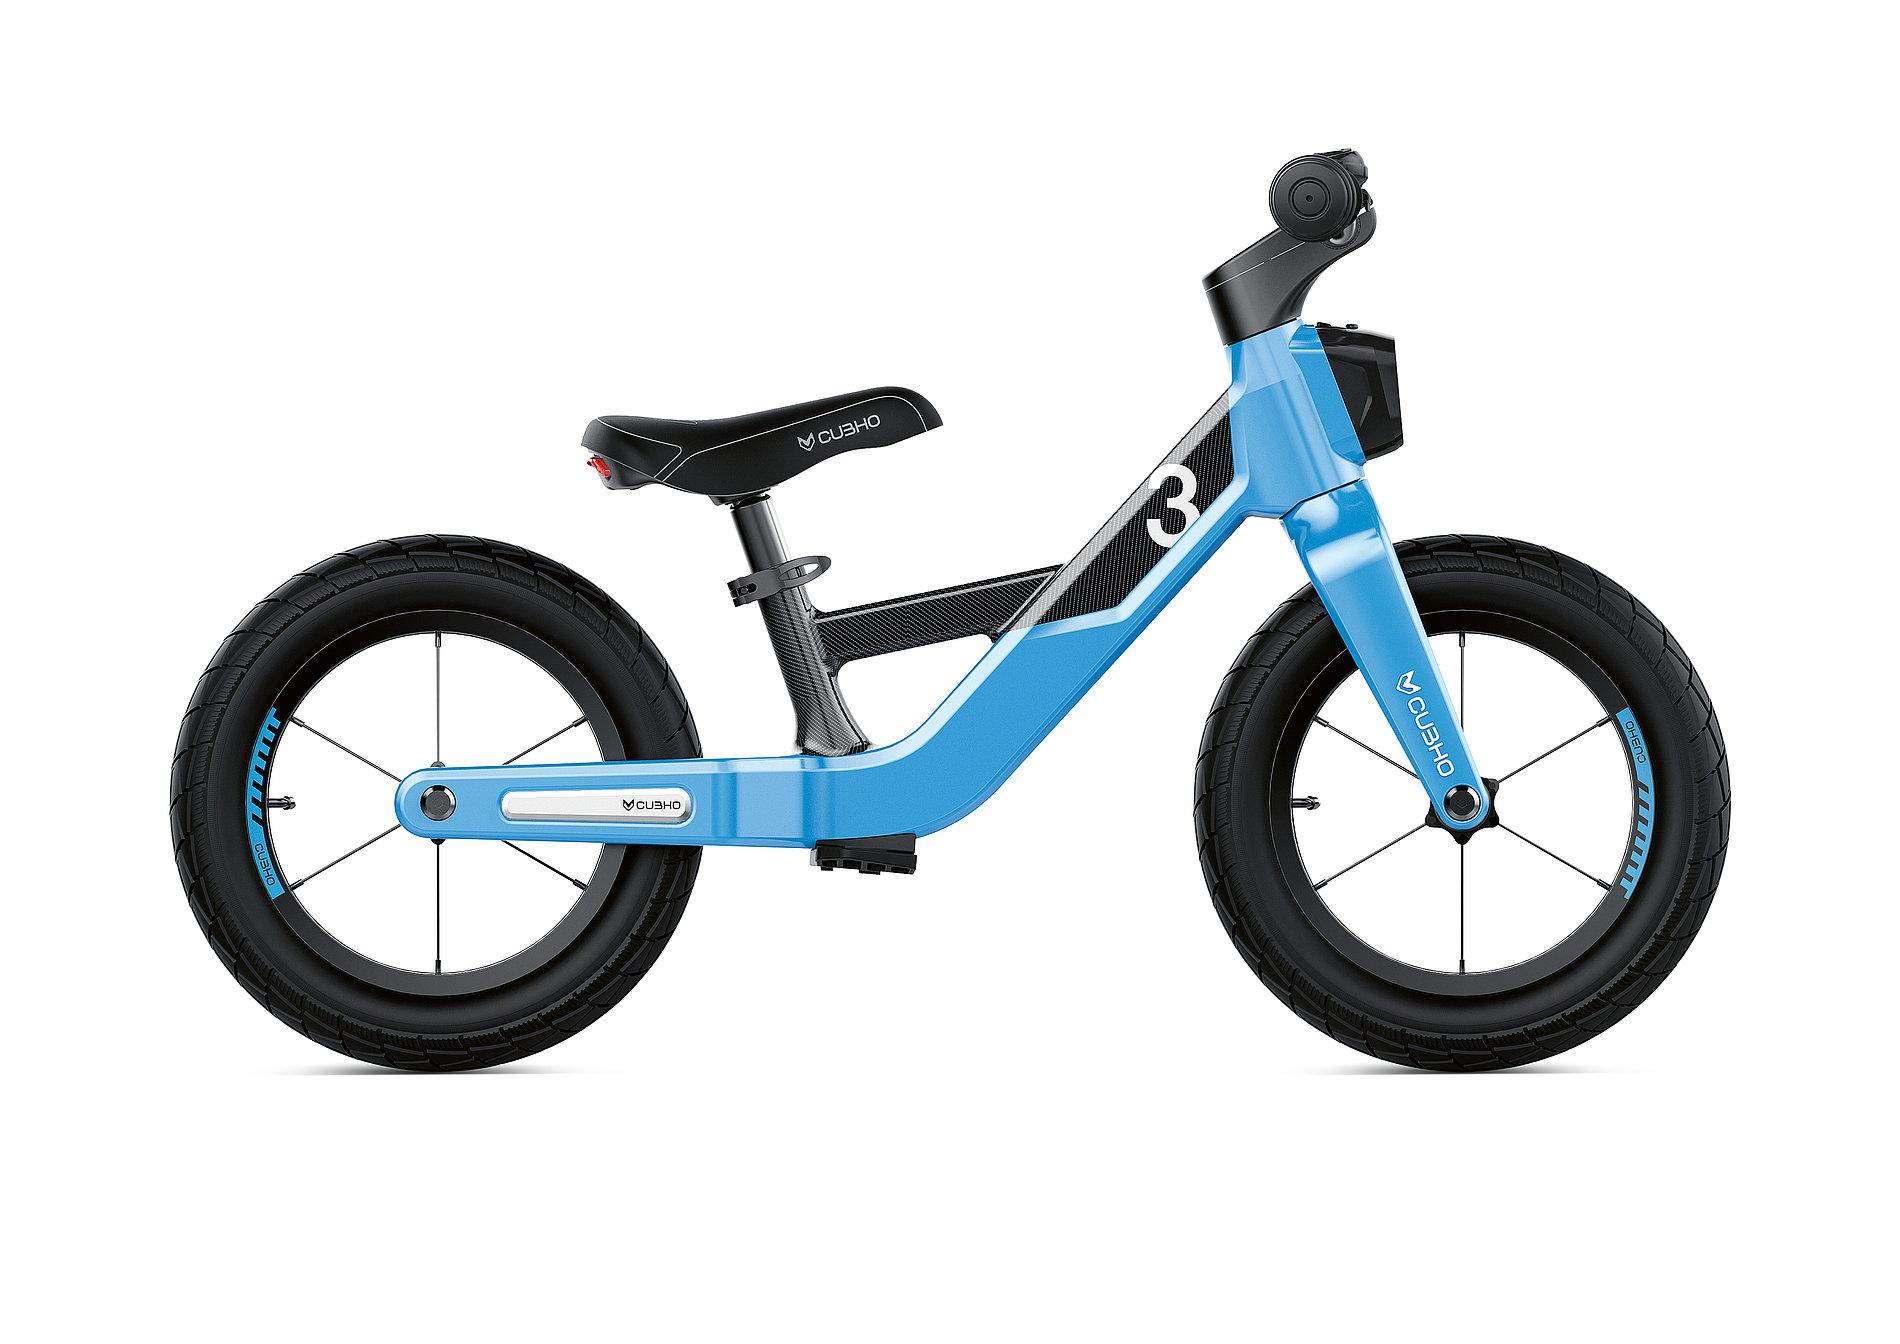 No.3 Athlete Balance Bike | Red Dot Design Award